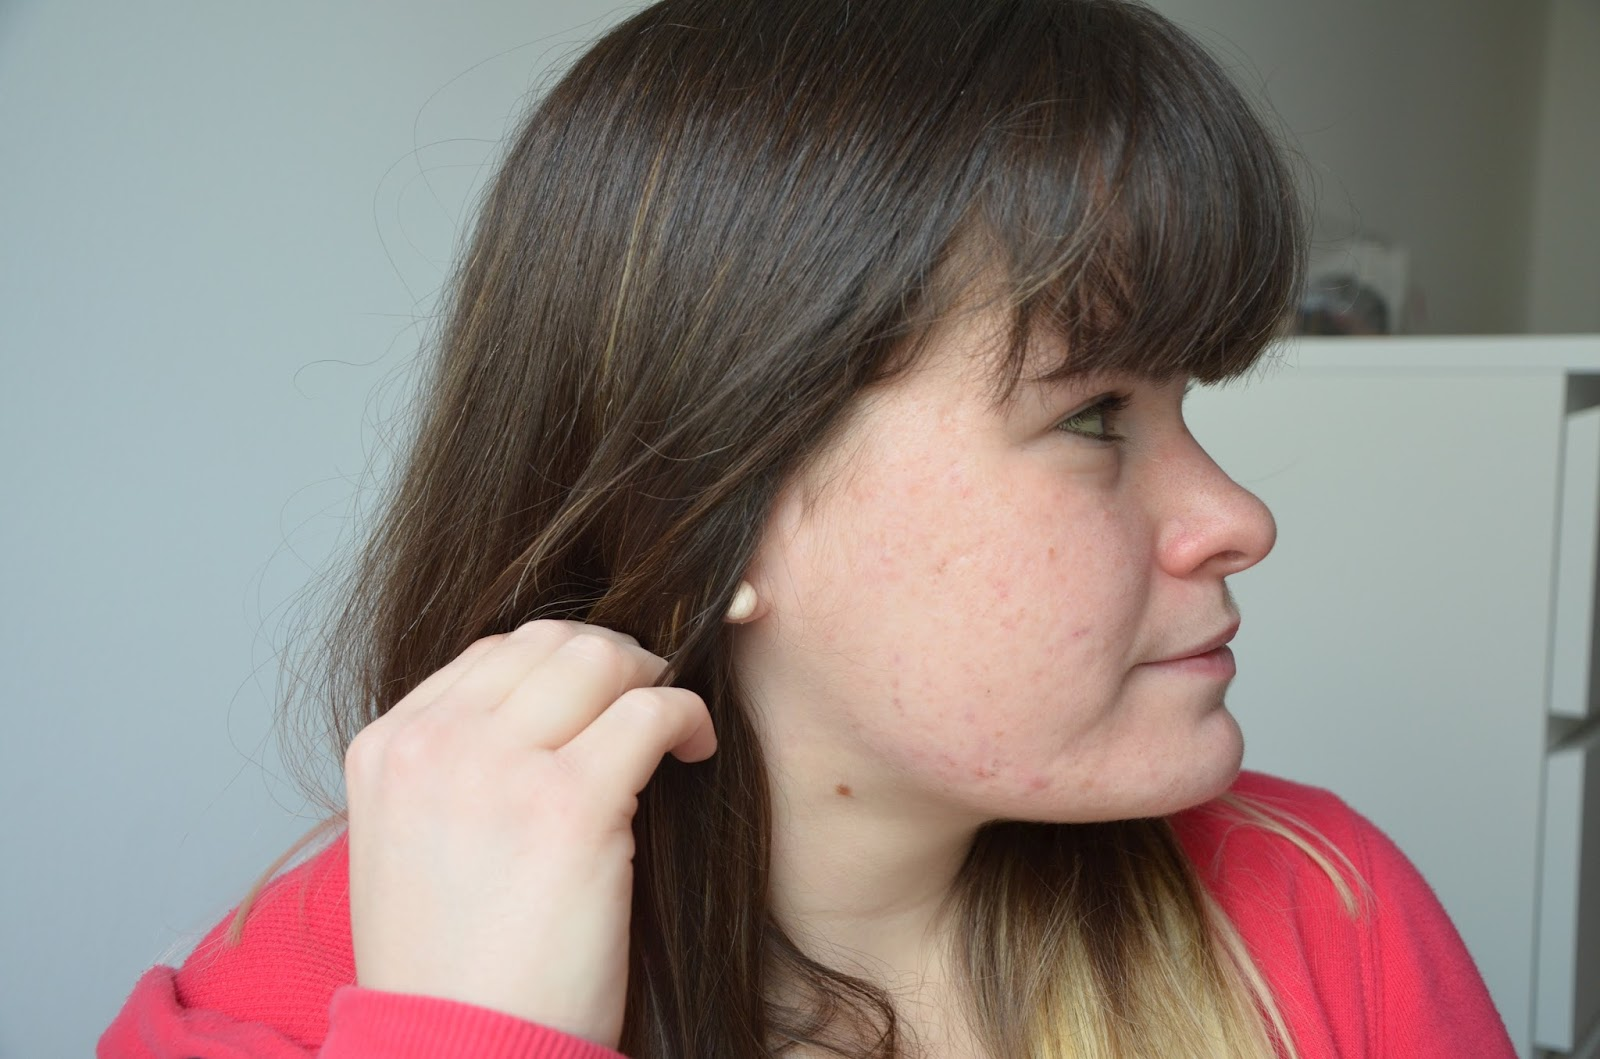 bilan, 1 an de traitement contre l'acné côté droit